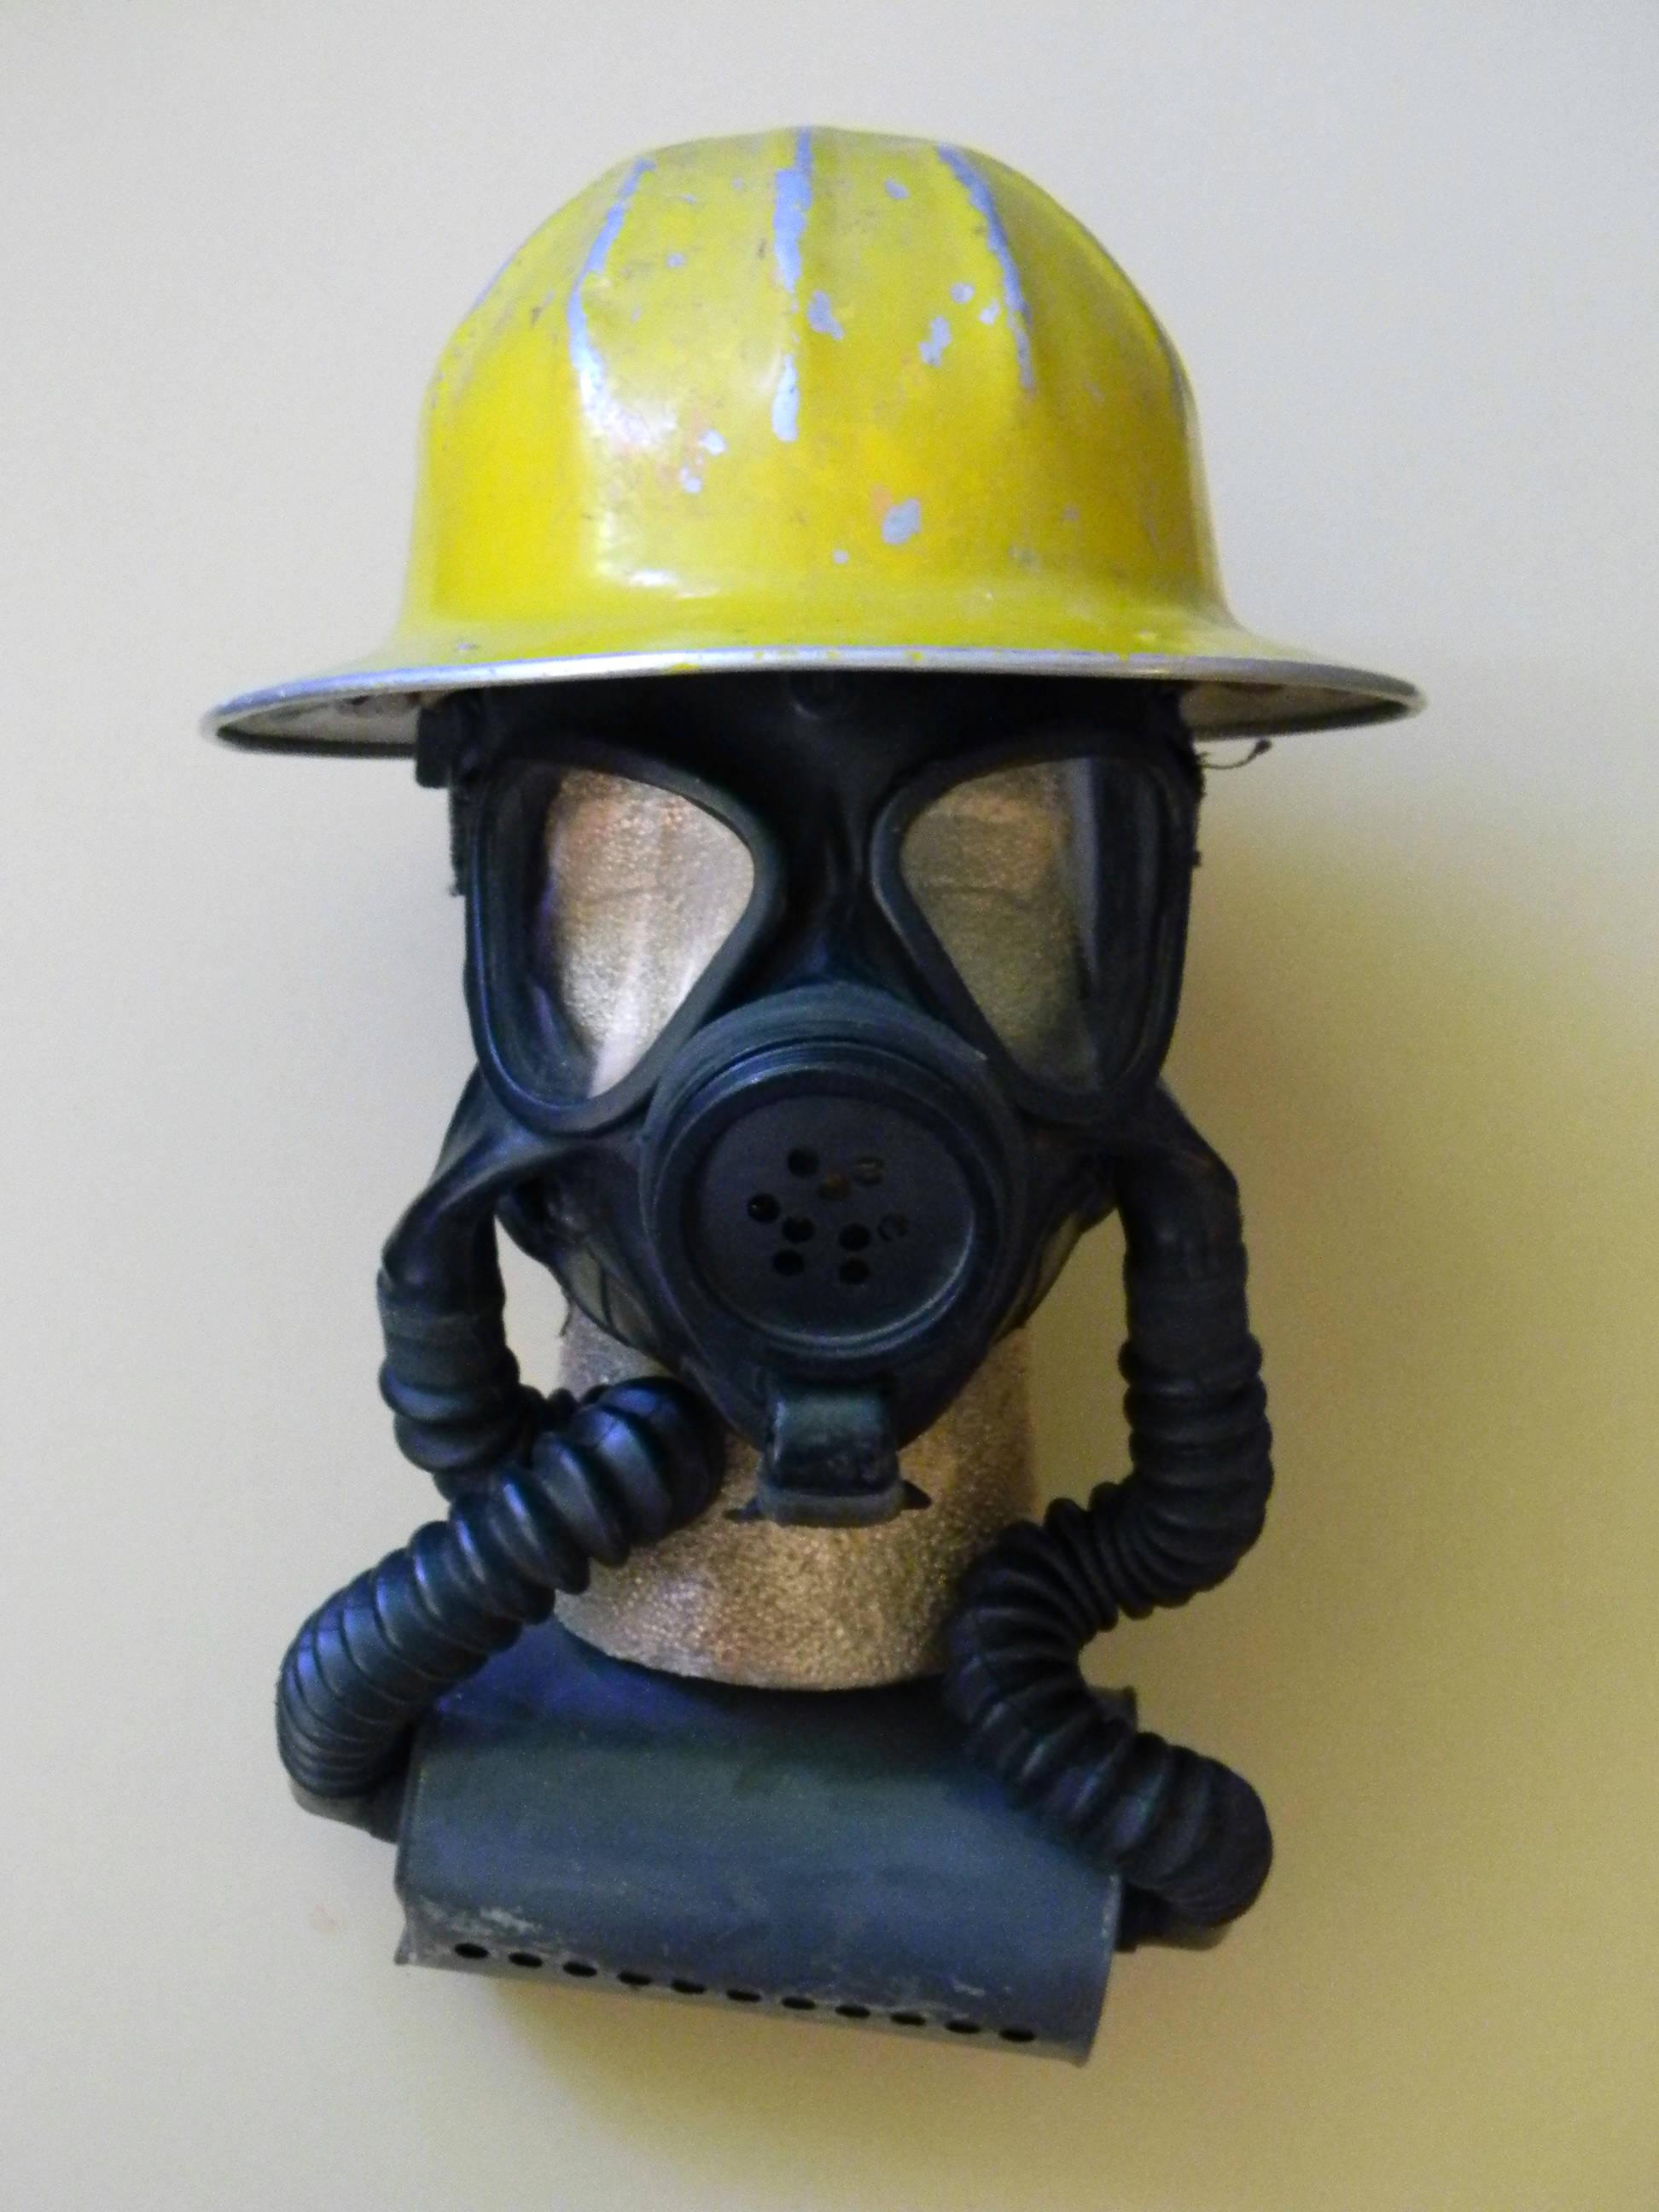 Accessoires de costumes ultime Vintage Zombie Apocalypse: Casque métal archaïque masque. et respirateur Vintage gaz masque. archaïque Costume steampunk Apocalypse. 79378e